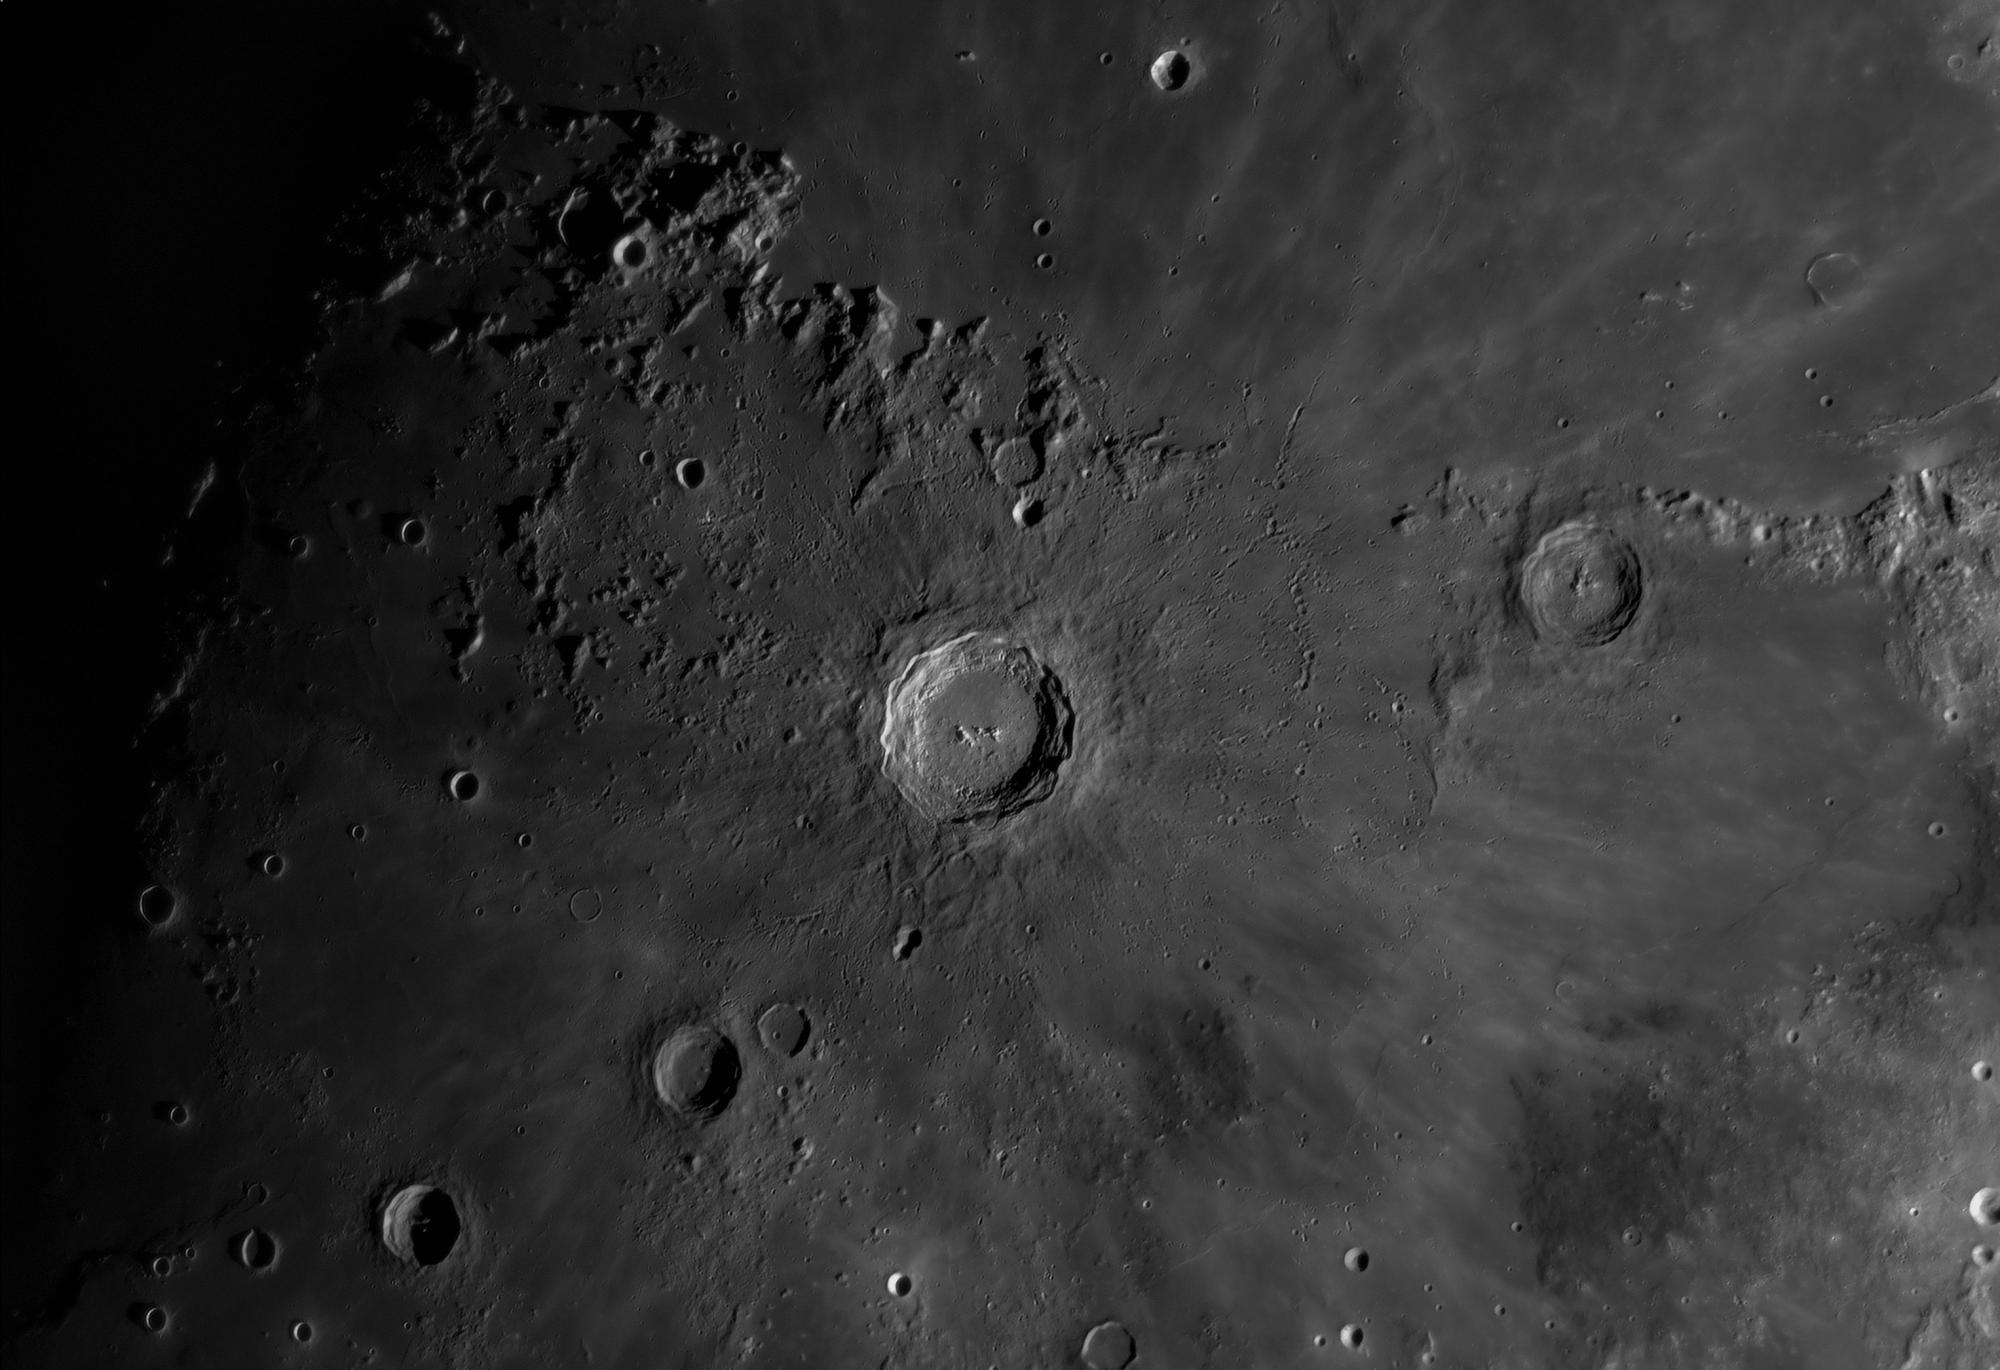 L_Copernic_050120_254-178_PPV5.thumb.png.5a1dc3ccda64363300c2387c90bcfc5b.png